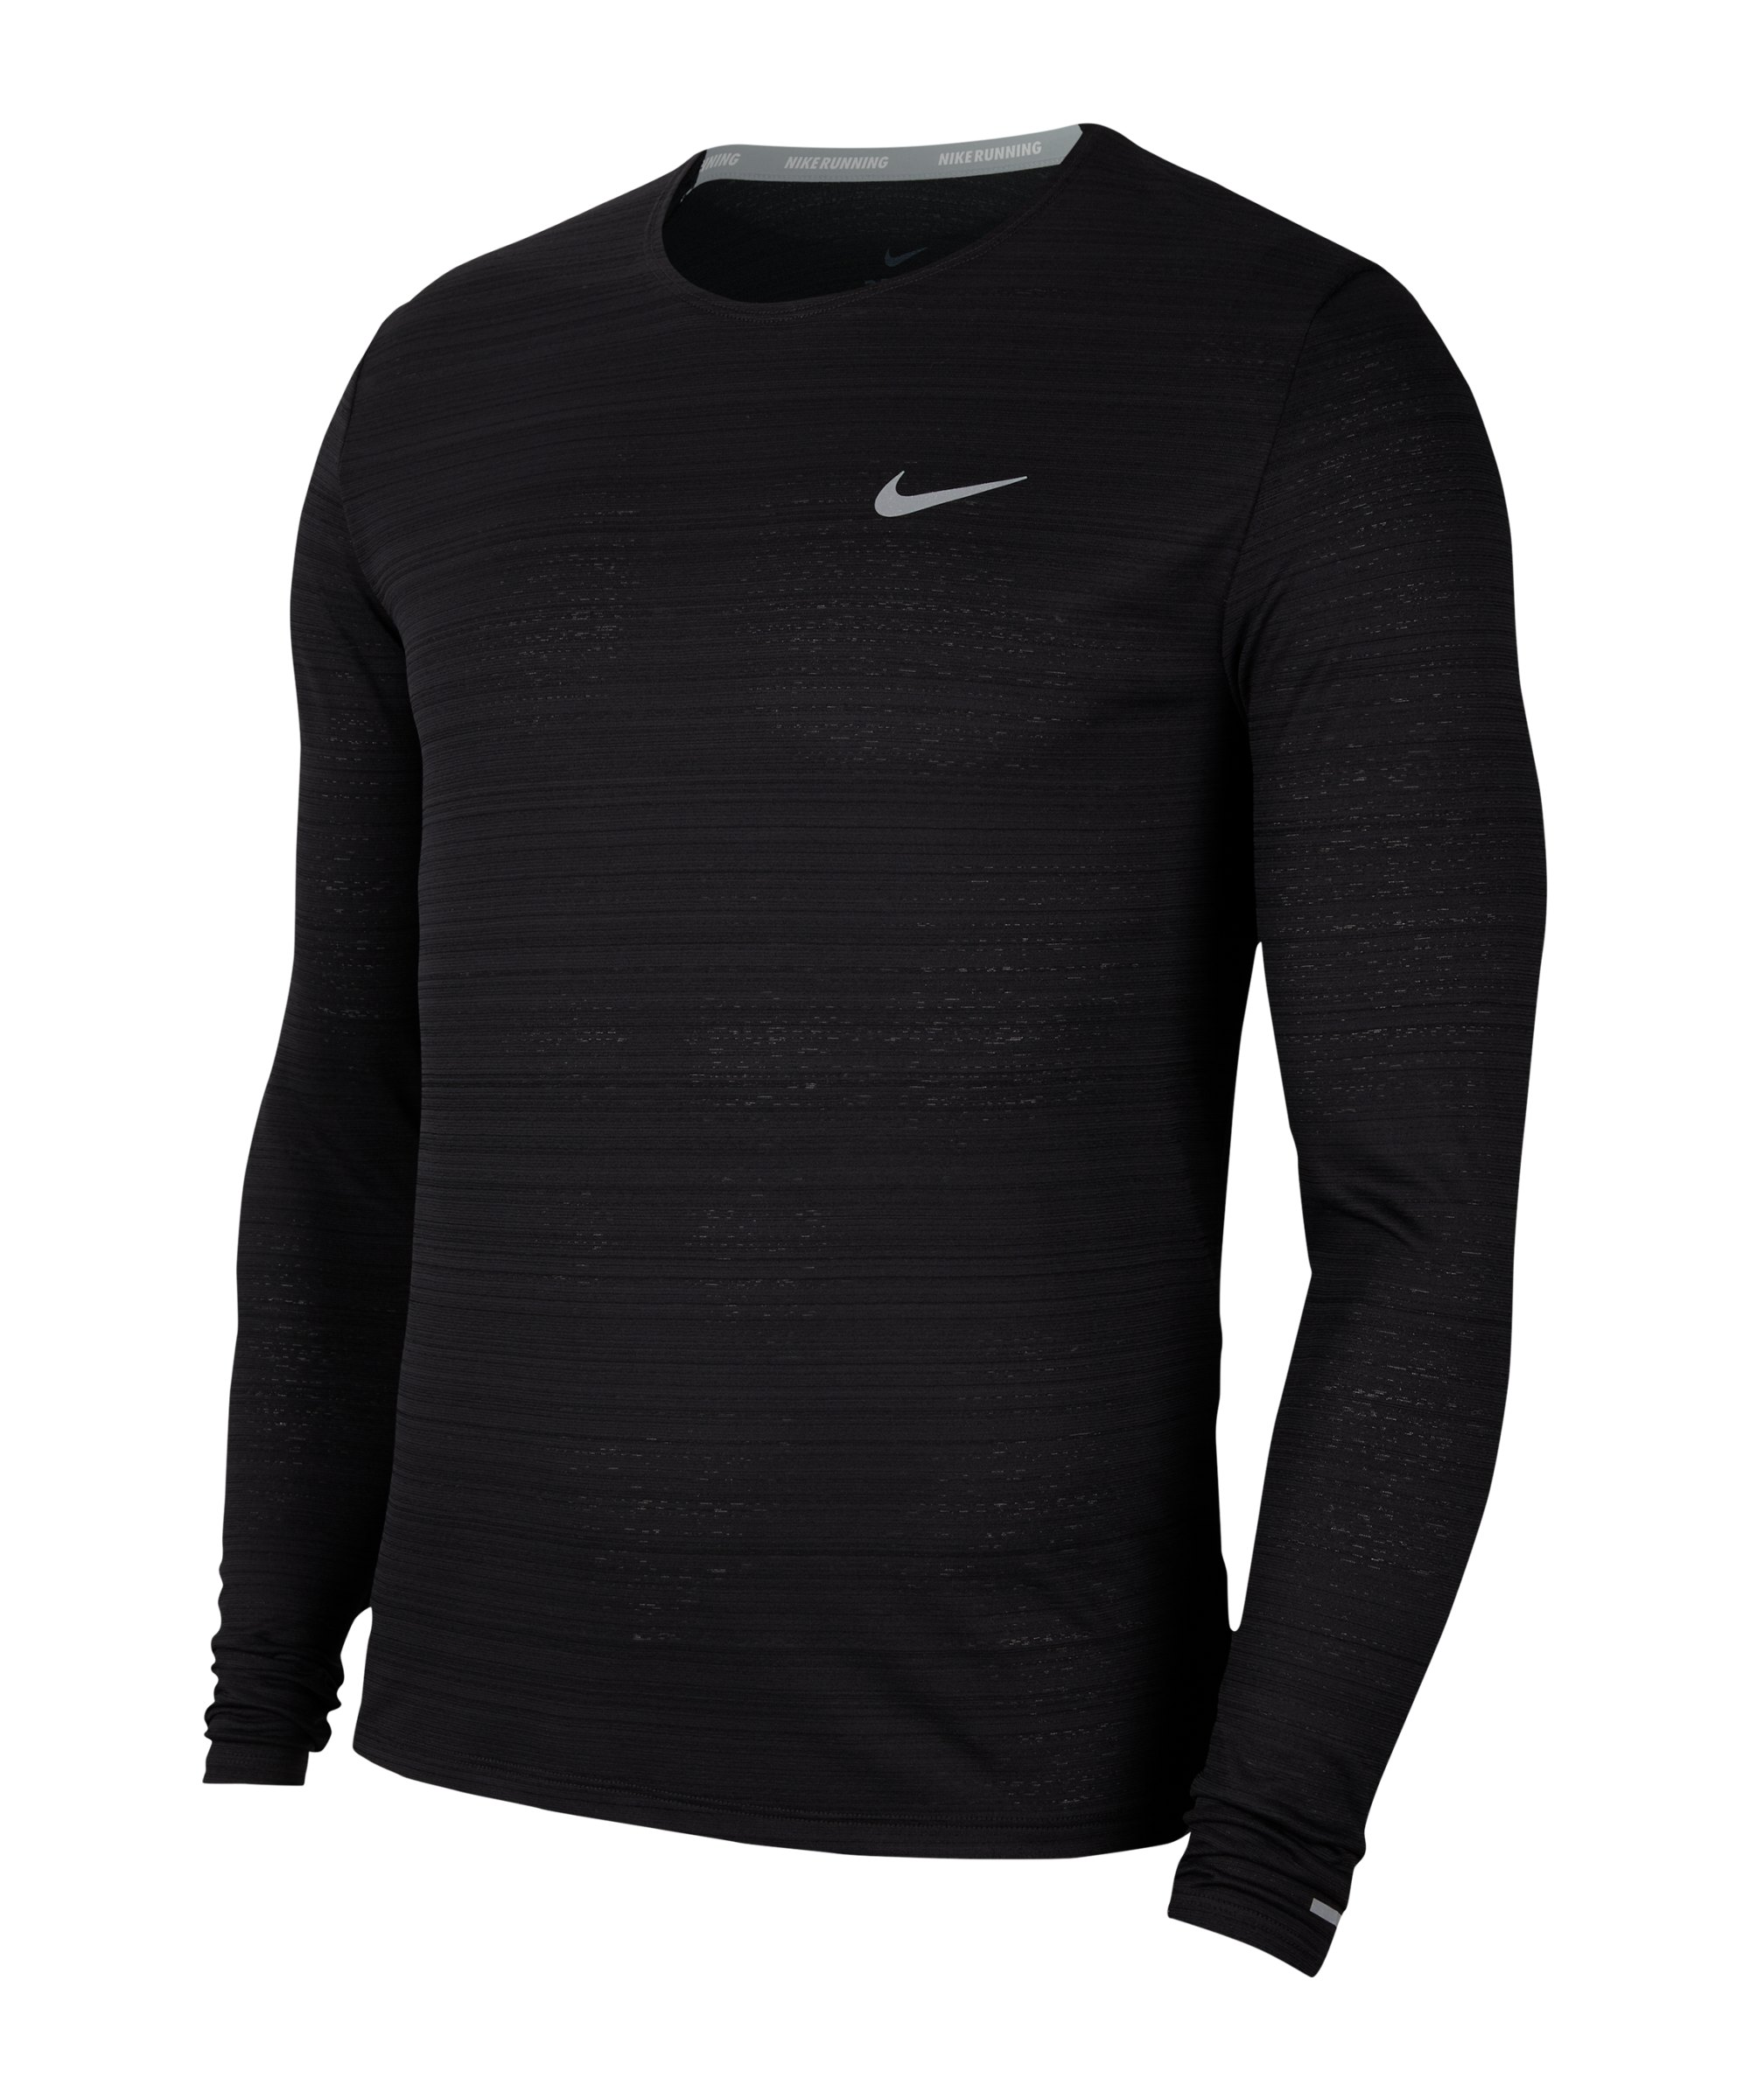 Nike Miler Dri-FIT Top langarm Running F010 - schwarz